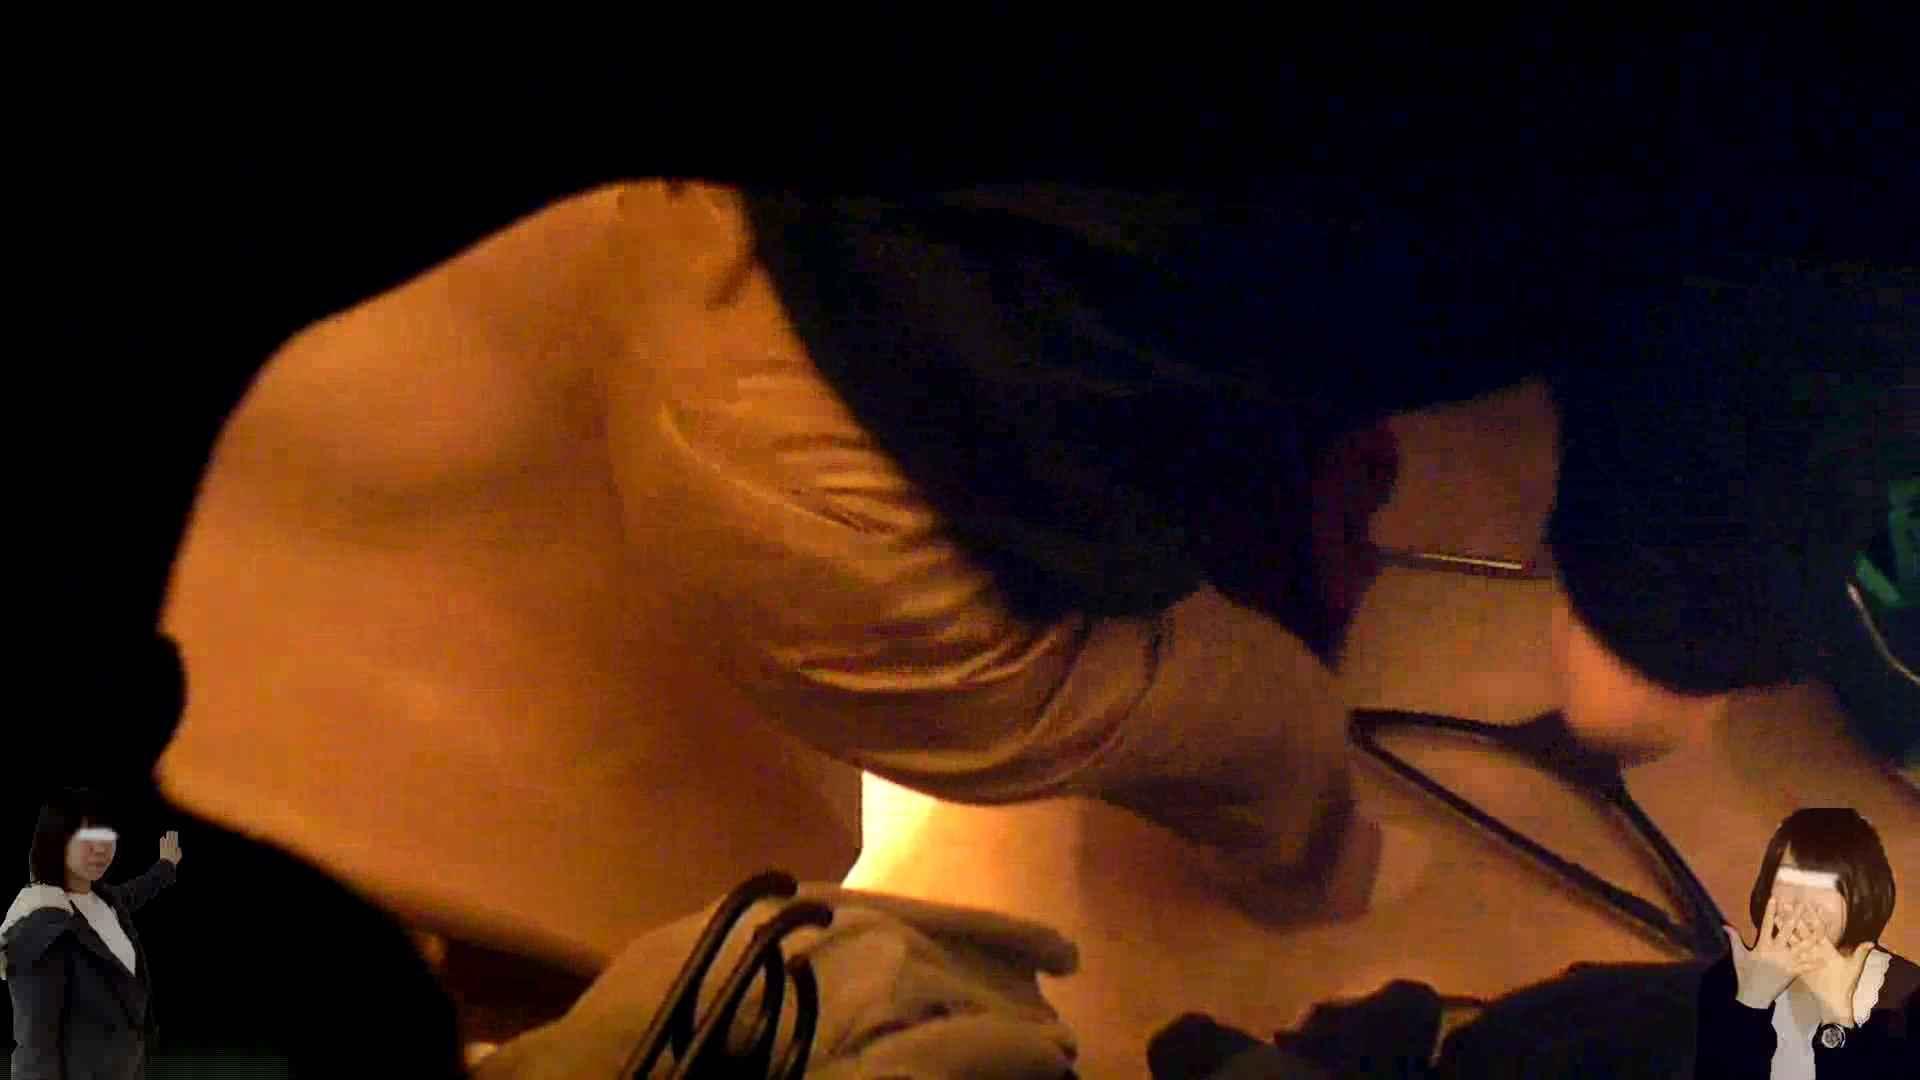 素人投稿 現役「JD」Eちゃんの着替え Vol.05 着替え 盗撮セックス無修正動画無料 111画像 83